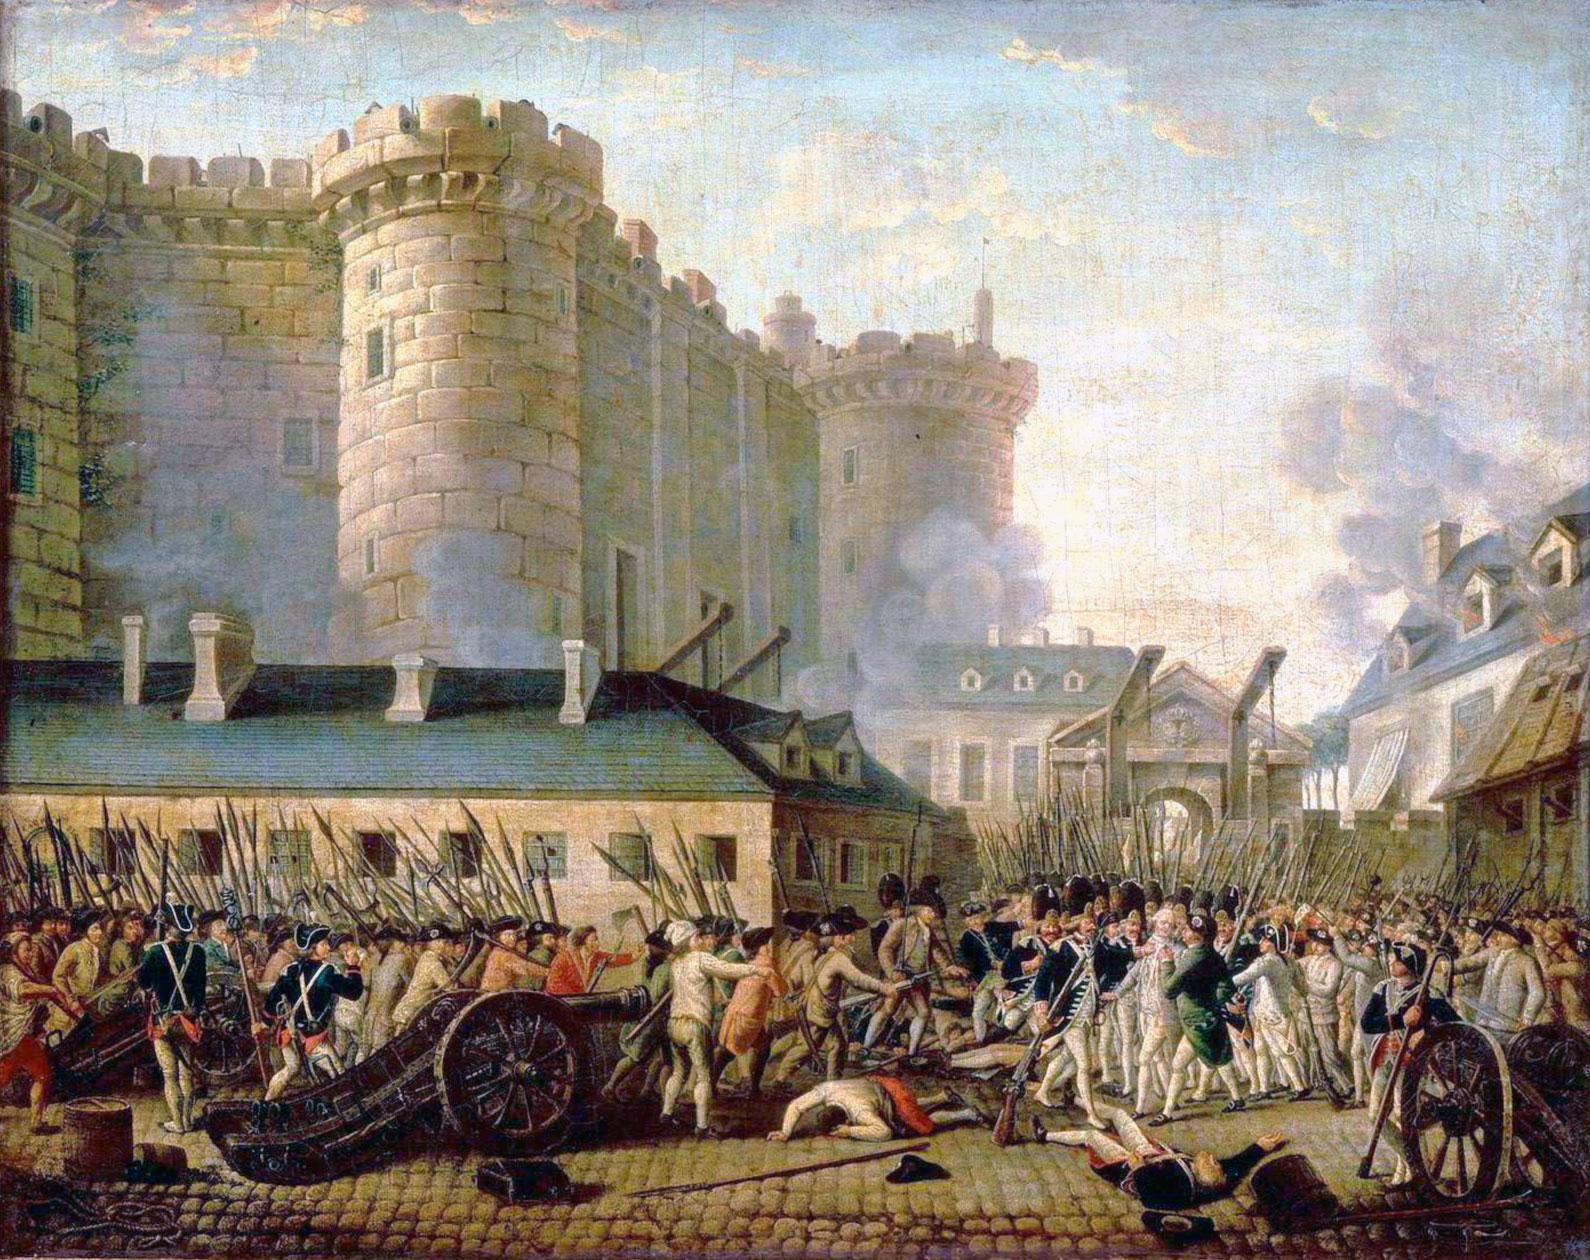 Rivoluzione Francese: La presa della Bastiglia, 14 luglio 1789